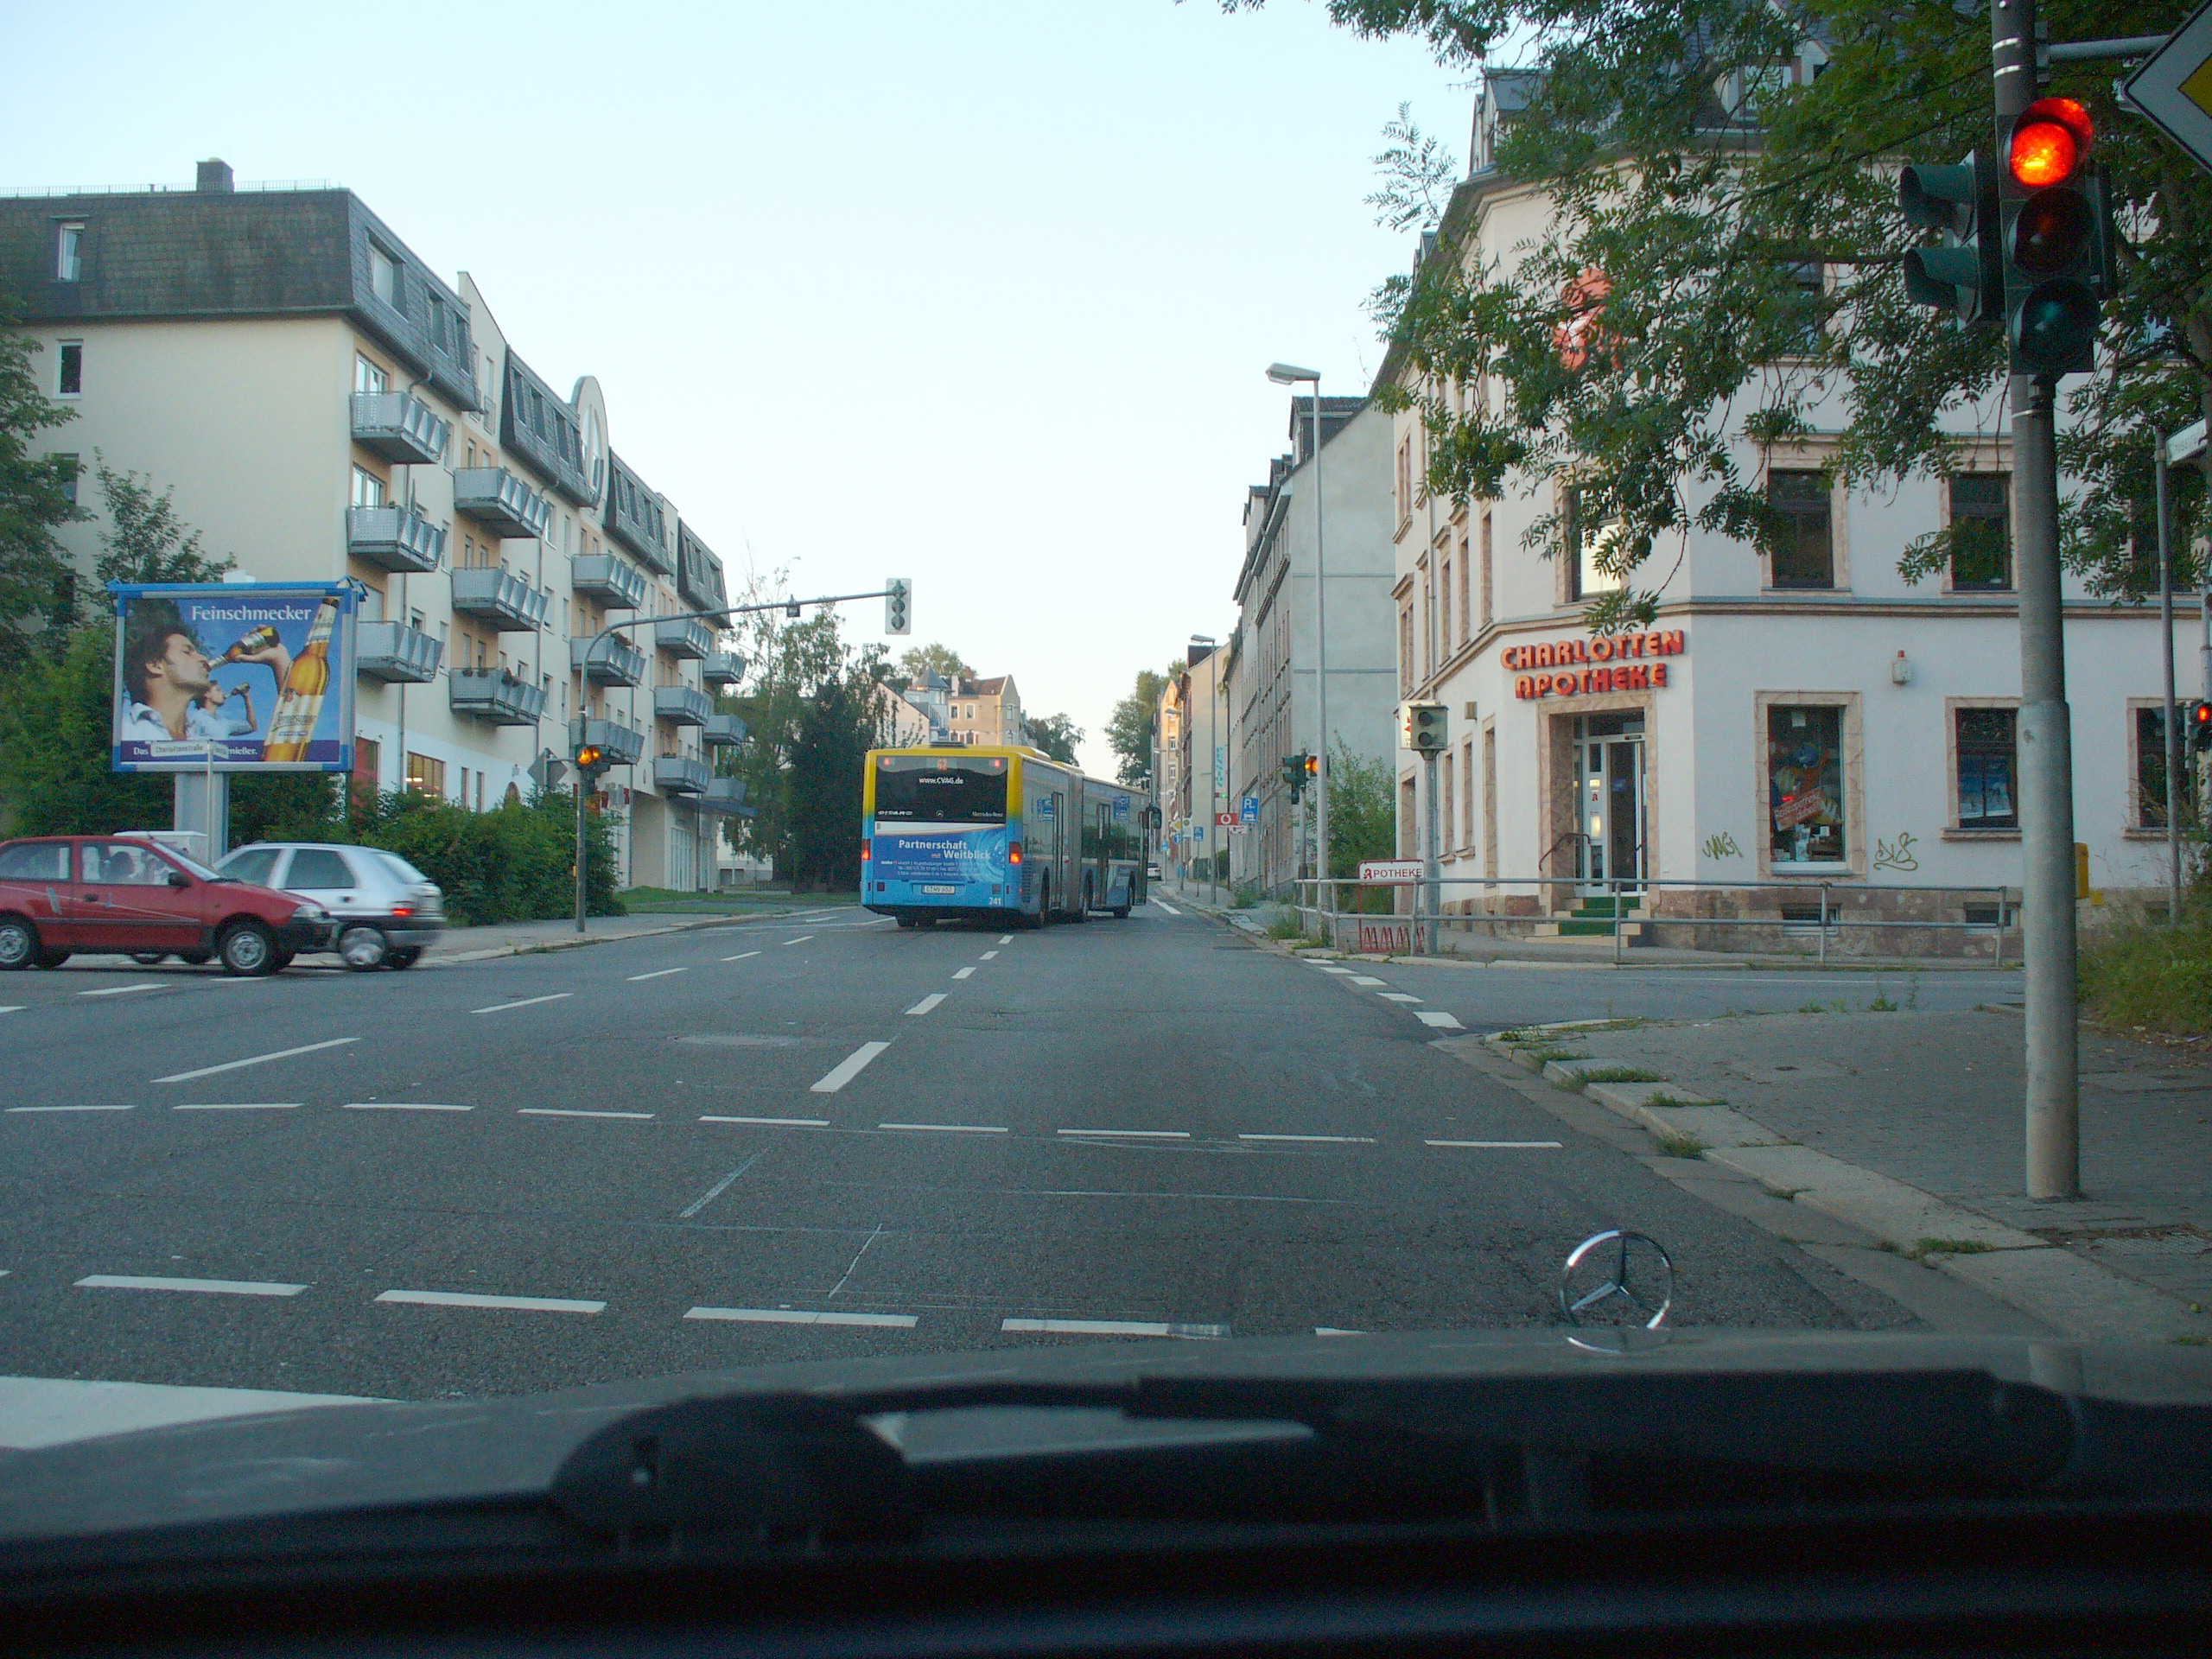 Clausstr Chemnitz